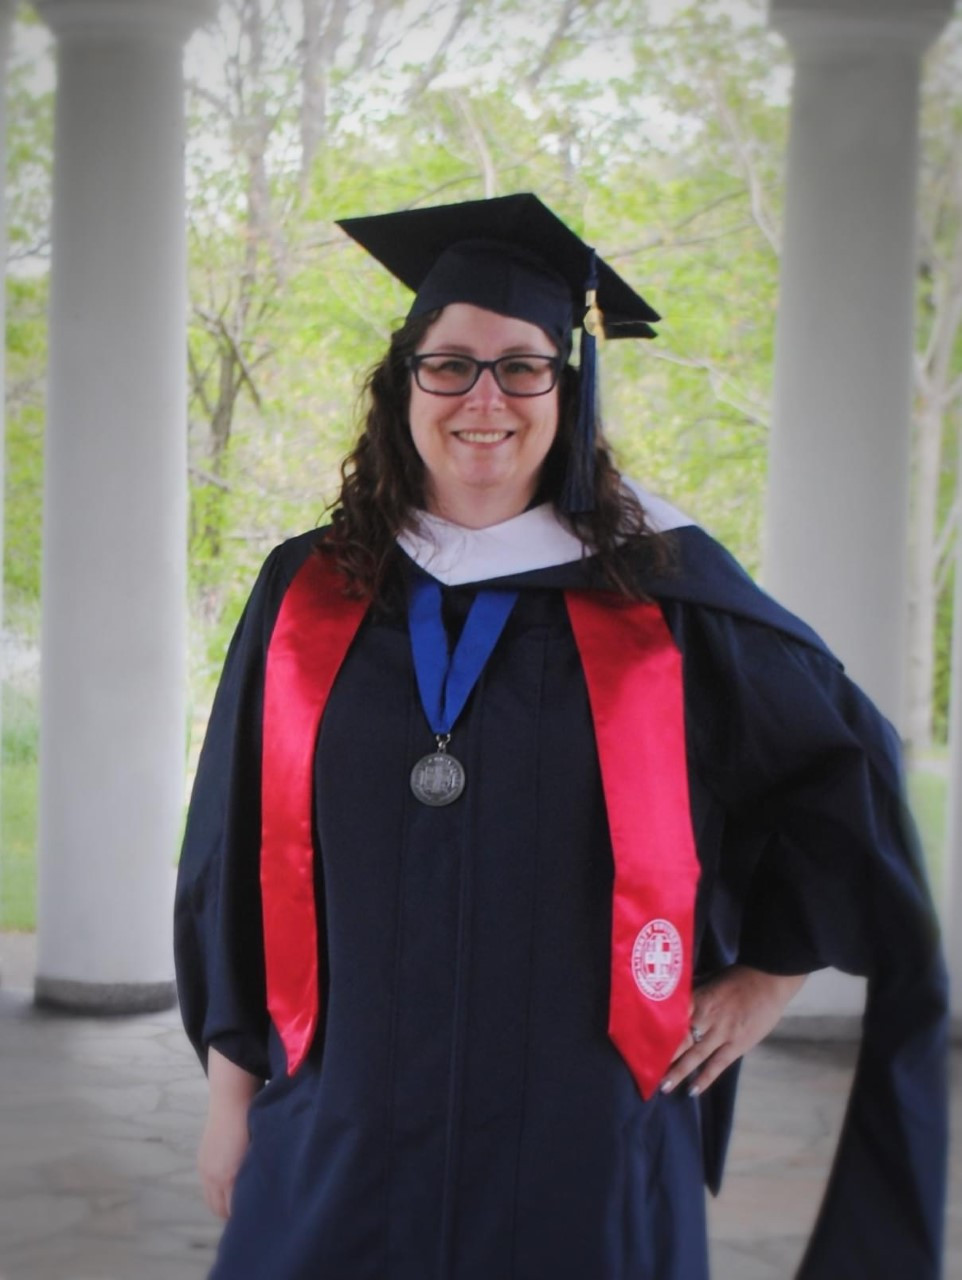 Delia M Hubbard in Master's Academic Regalia